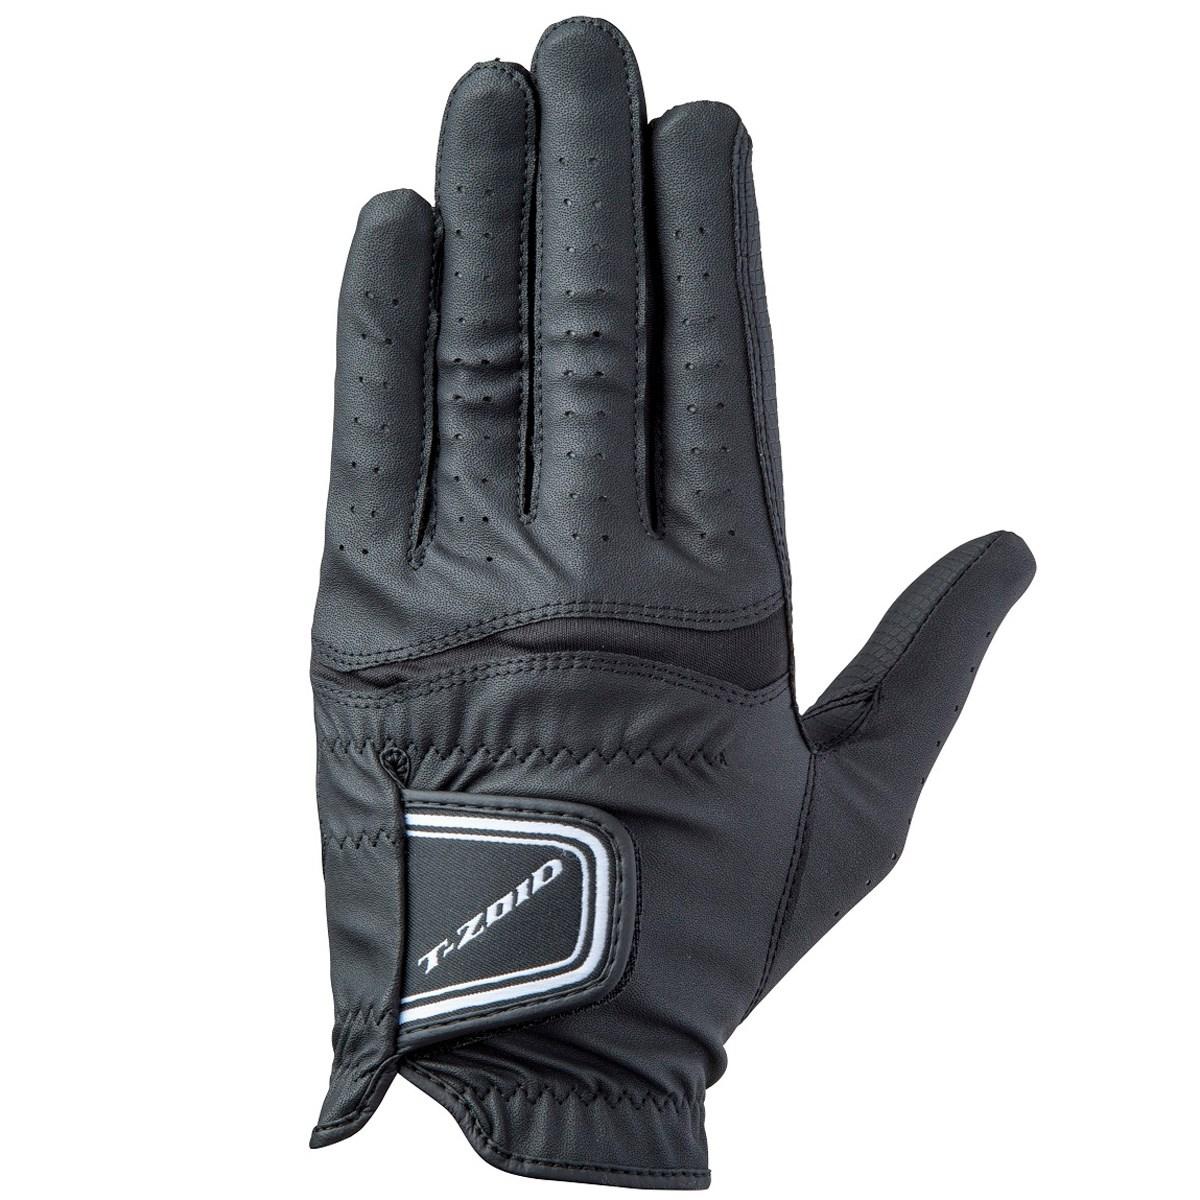 ミズノ T-ZOID グローブ 21cm 左手着用(右利き用) ブラック